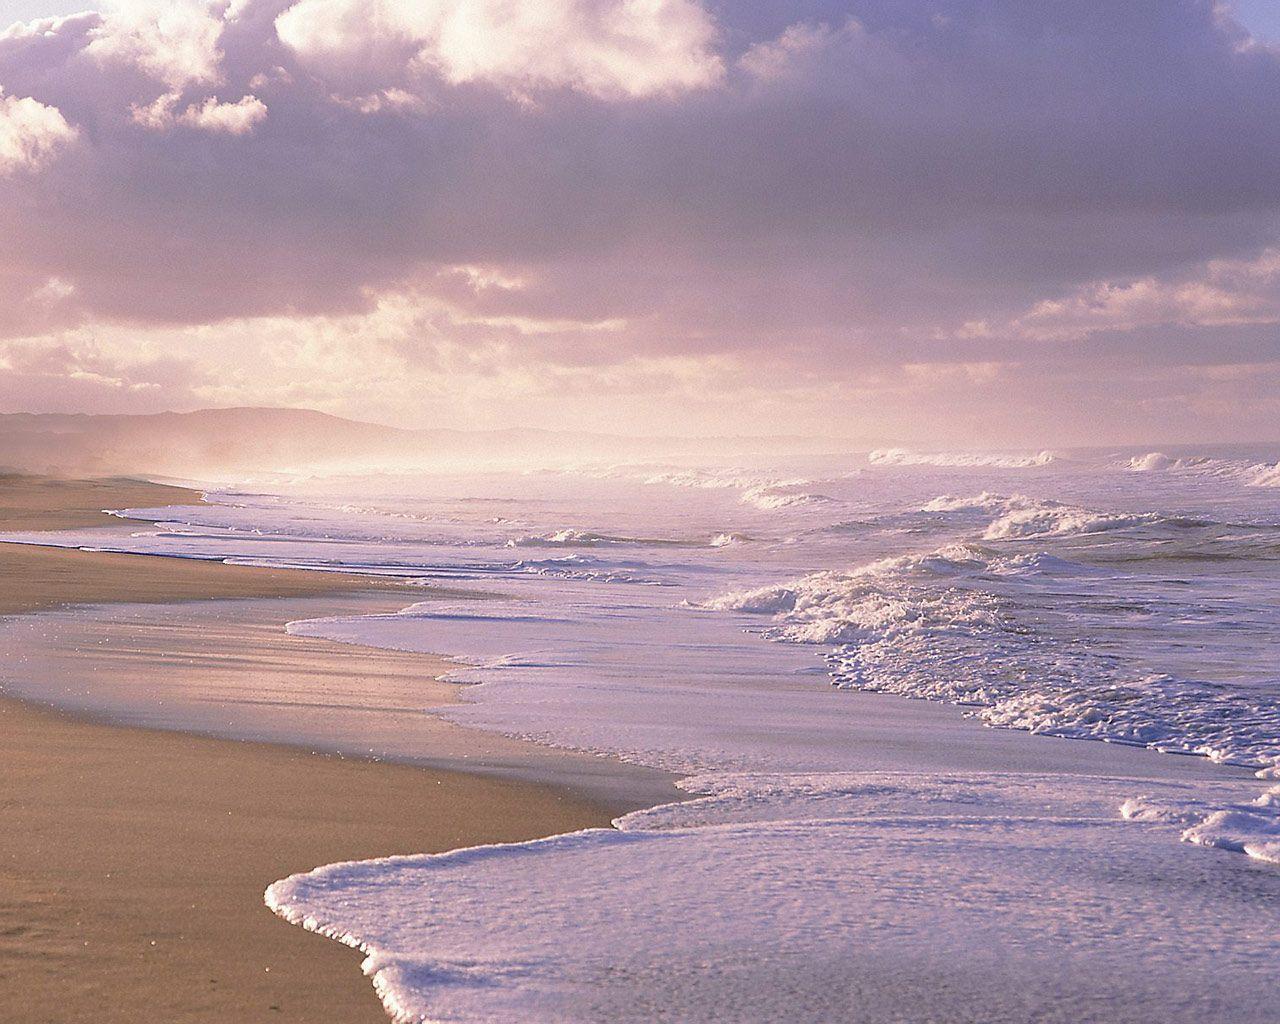 fond d'ecran gratuit ocean atlantique